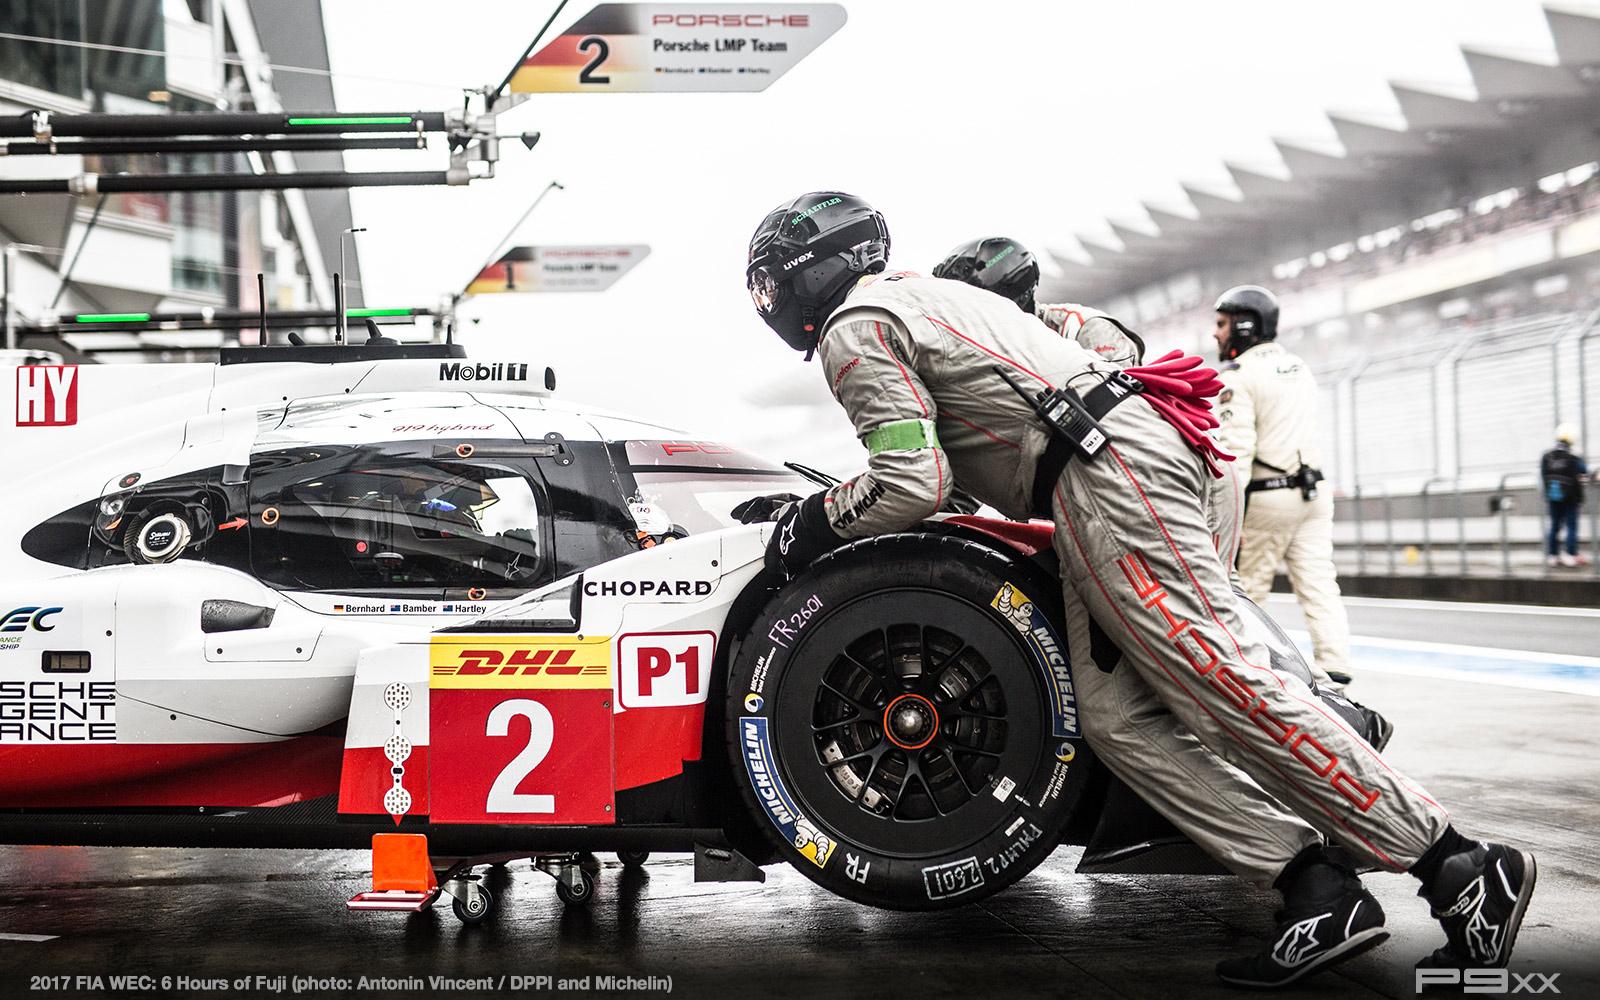 2017-FIA-WEC-6h-of-Fuji-Porsche-Fuji_02117011_1316302